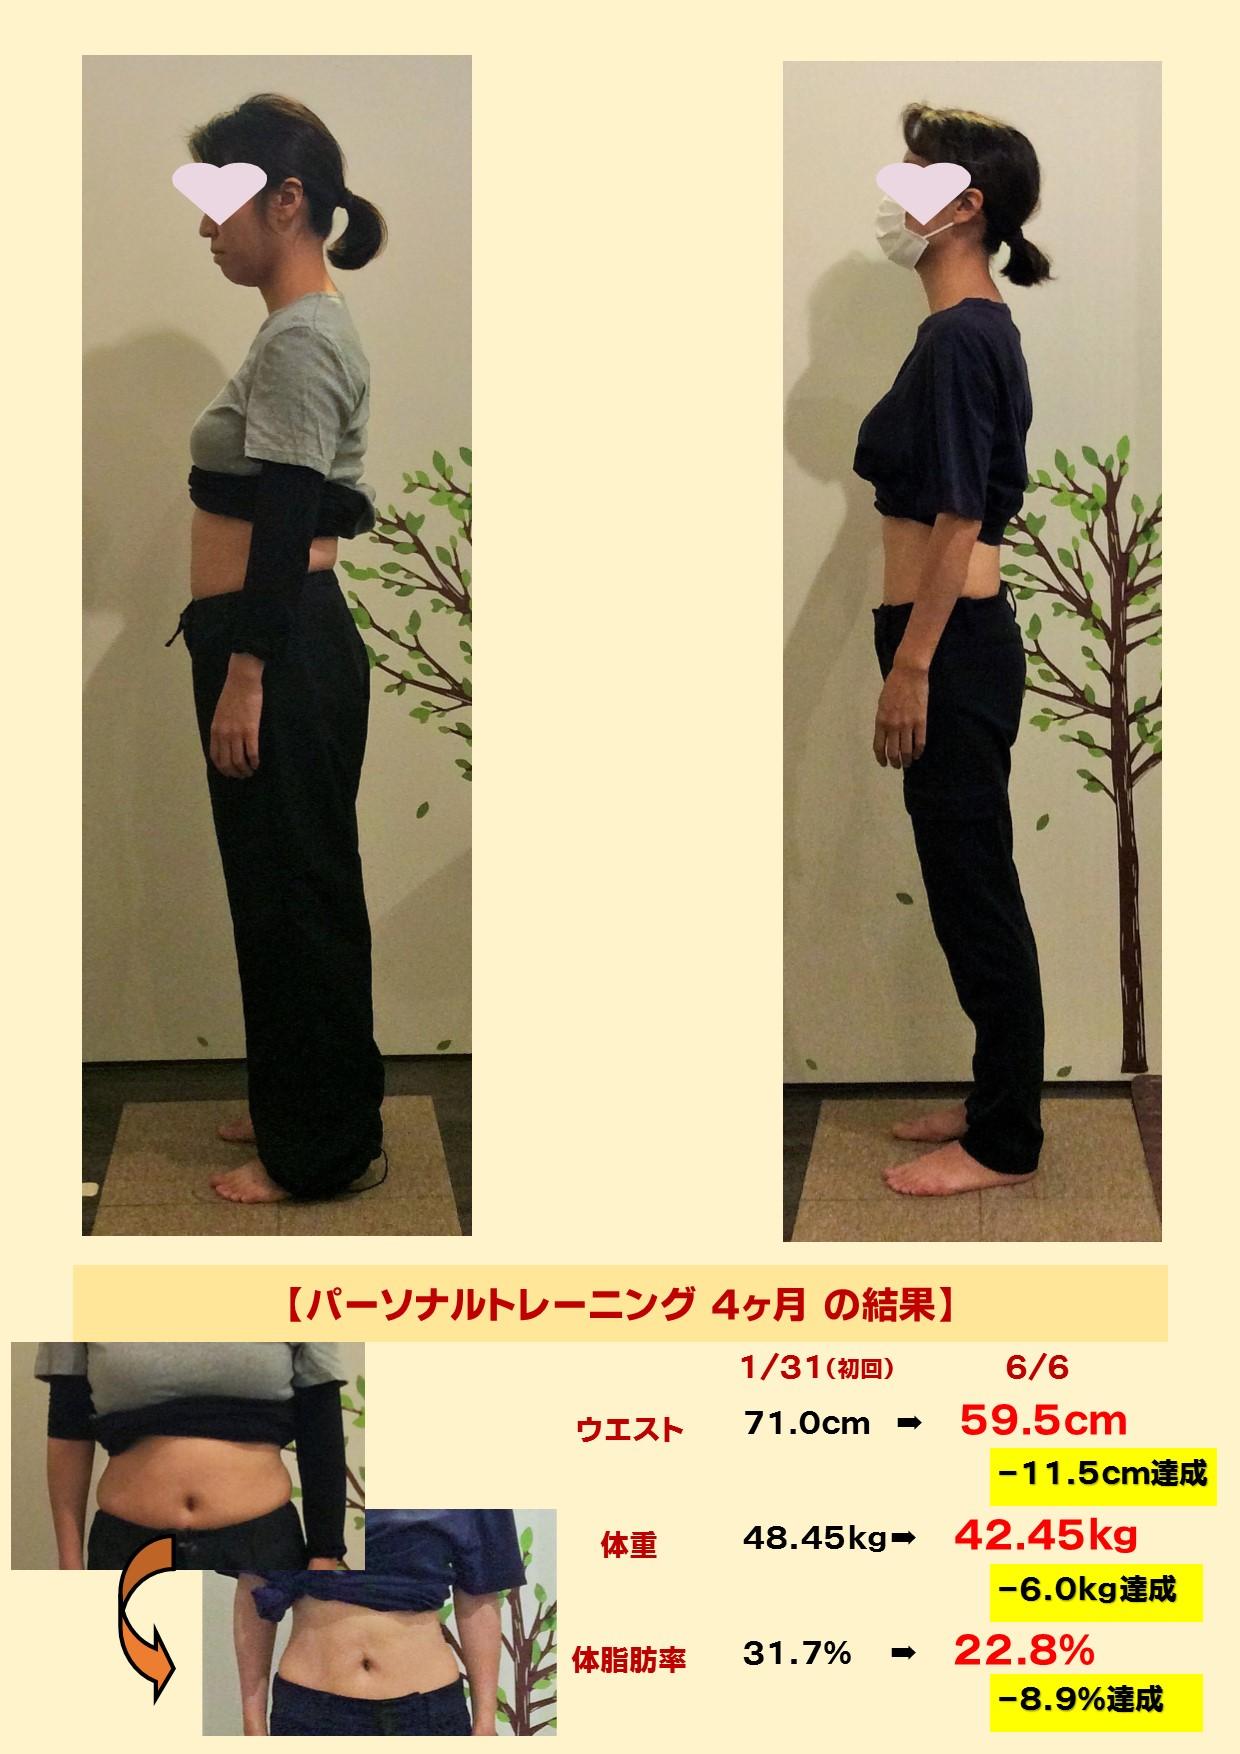 宝塚市にお住いの30代女性のパーソナルトレーニングのダイエット結果